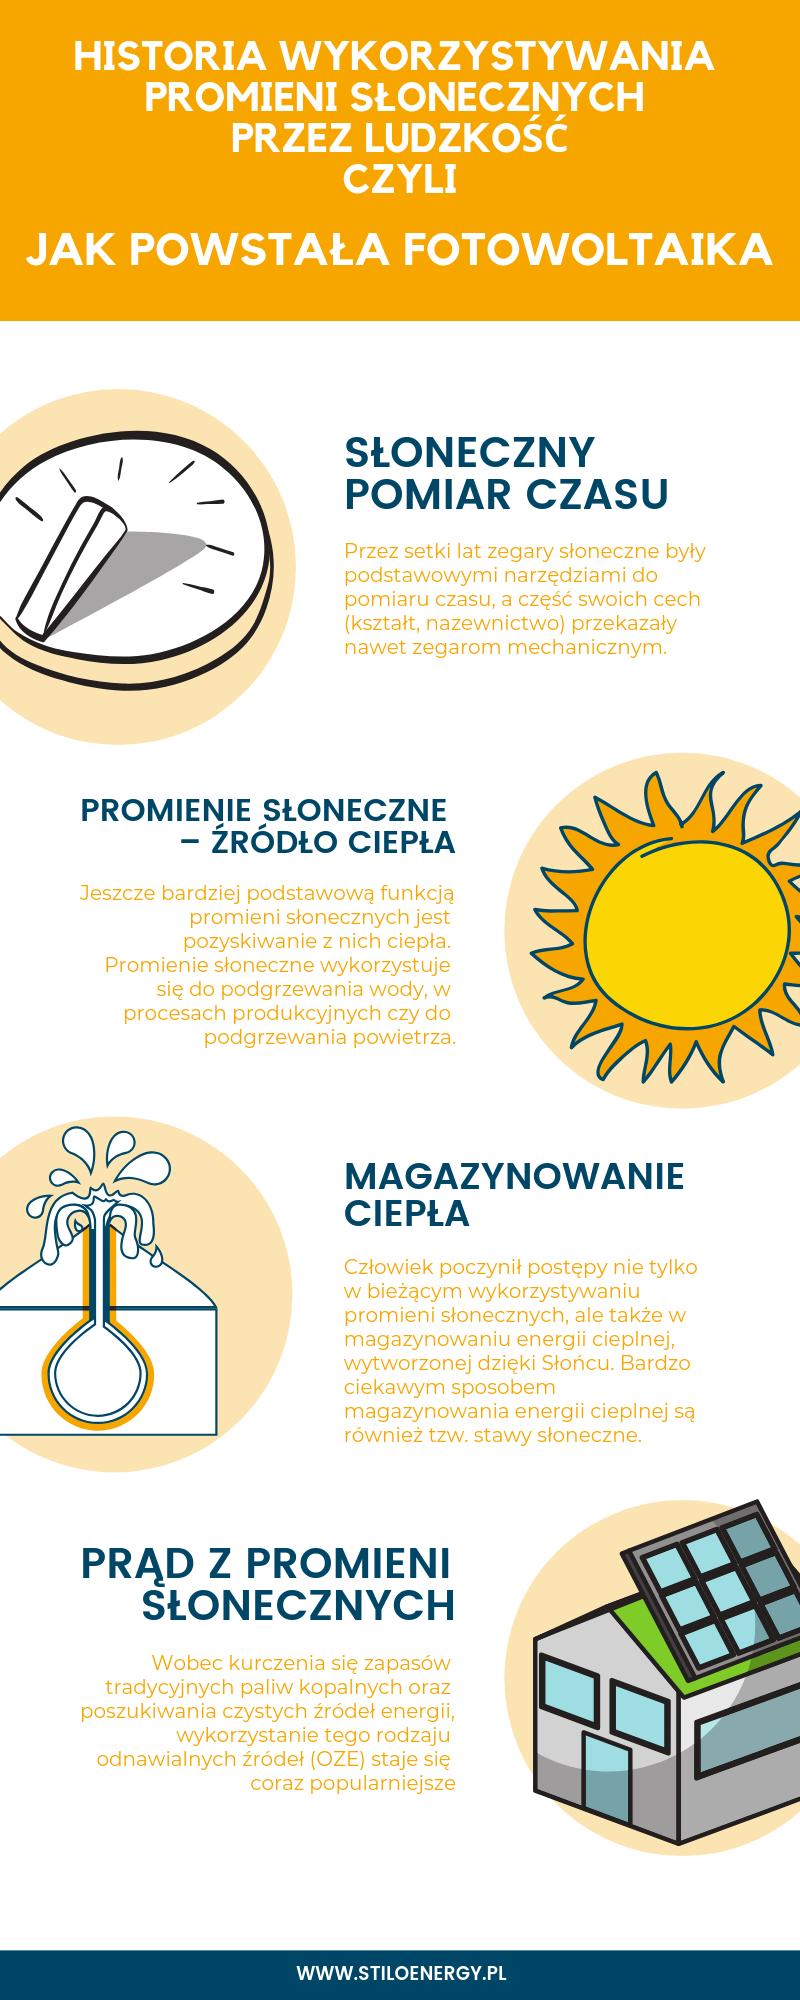 Historia wykorzystywania promieni słonecznych